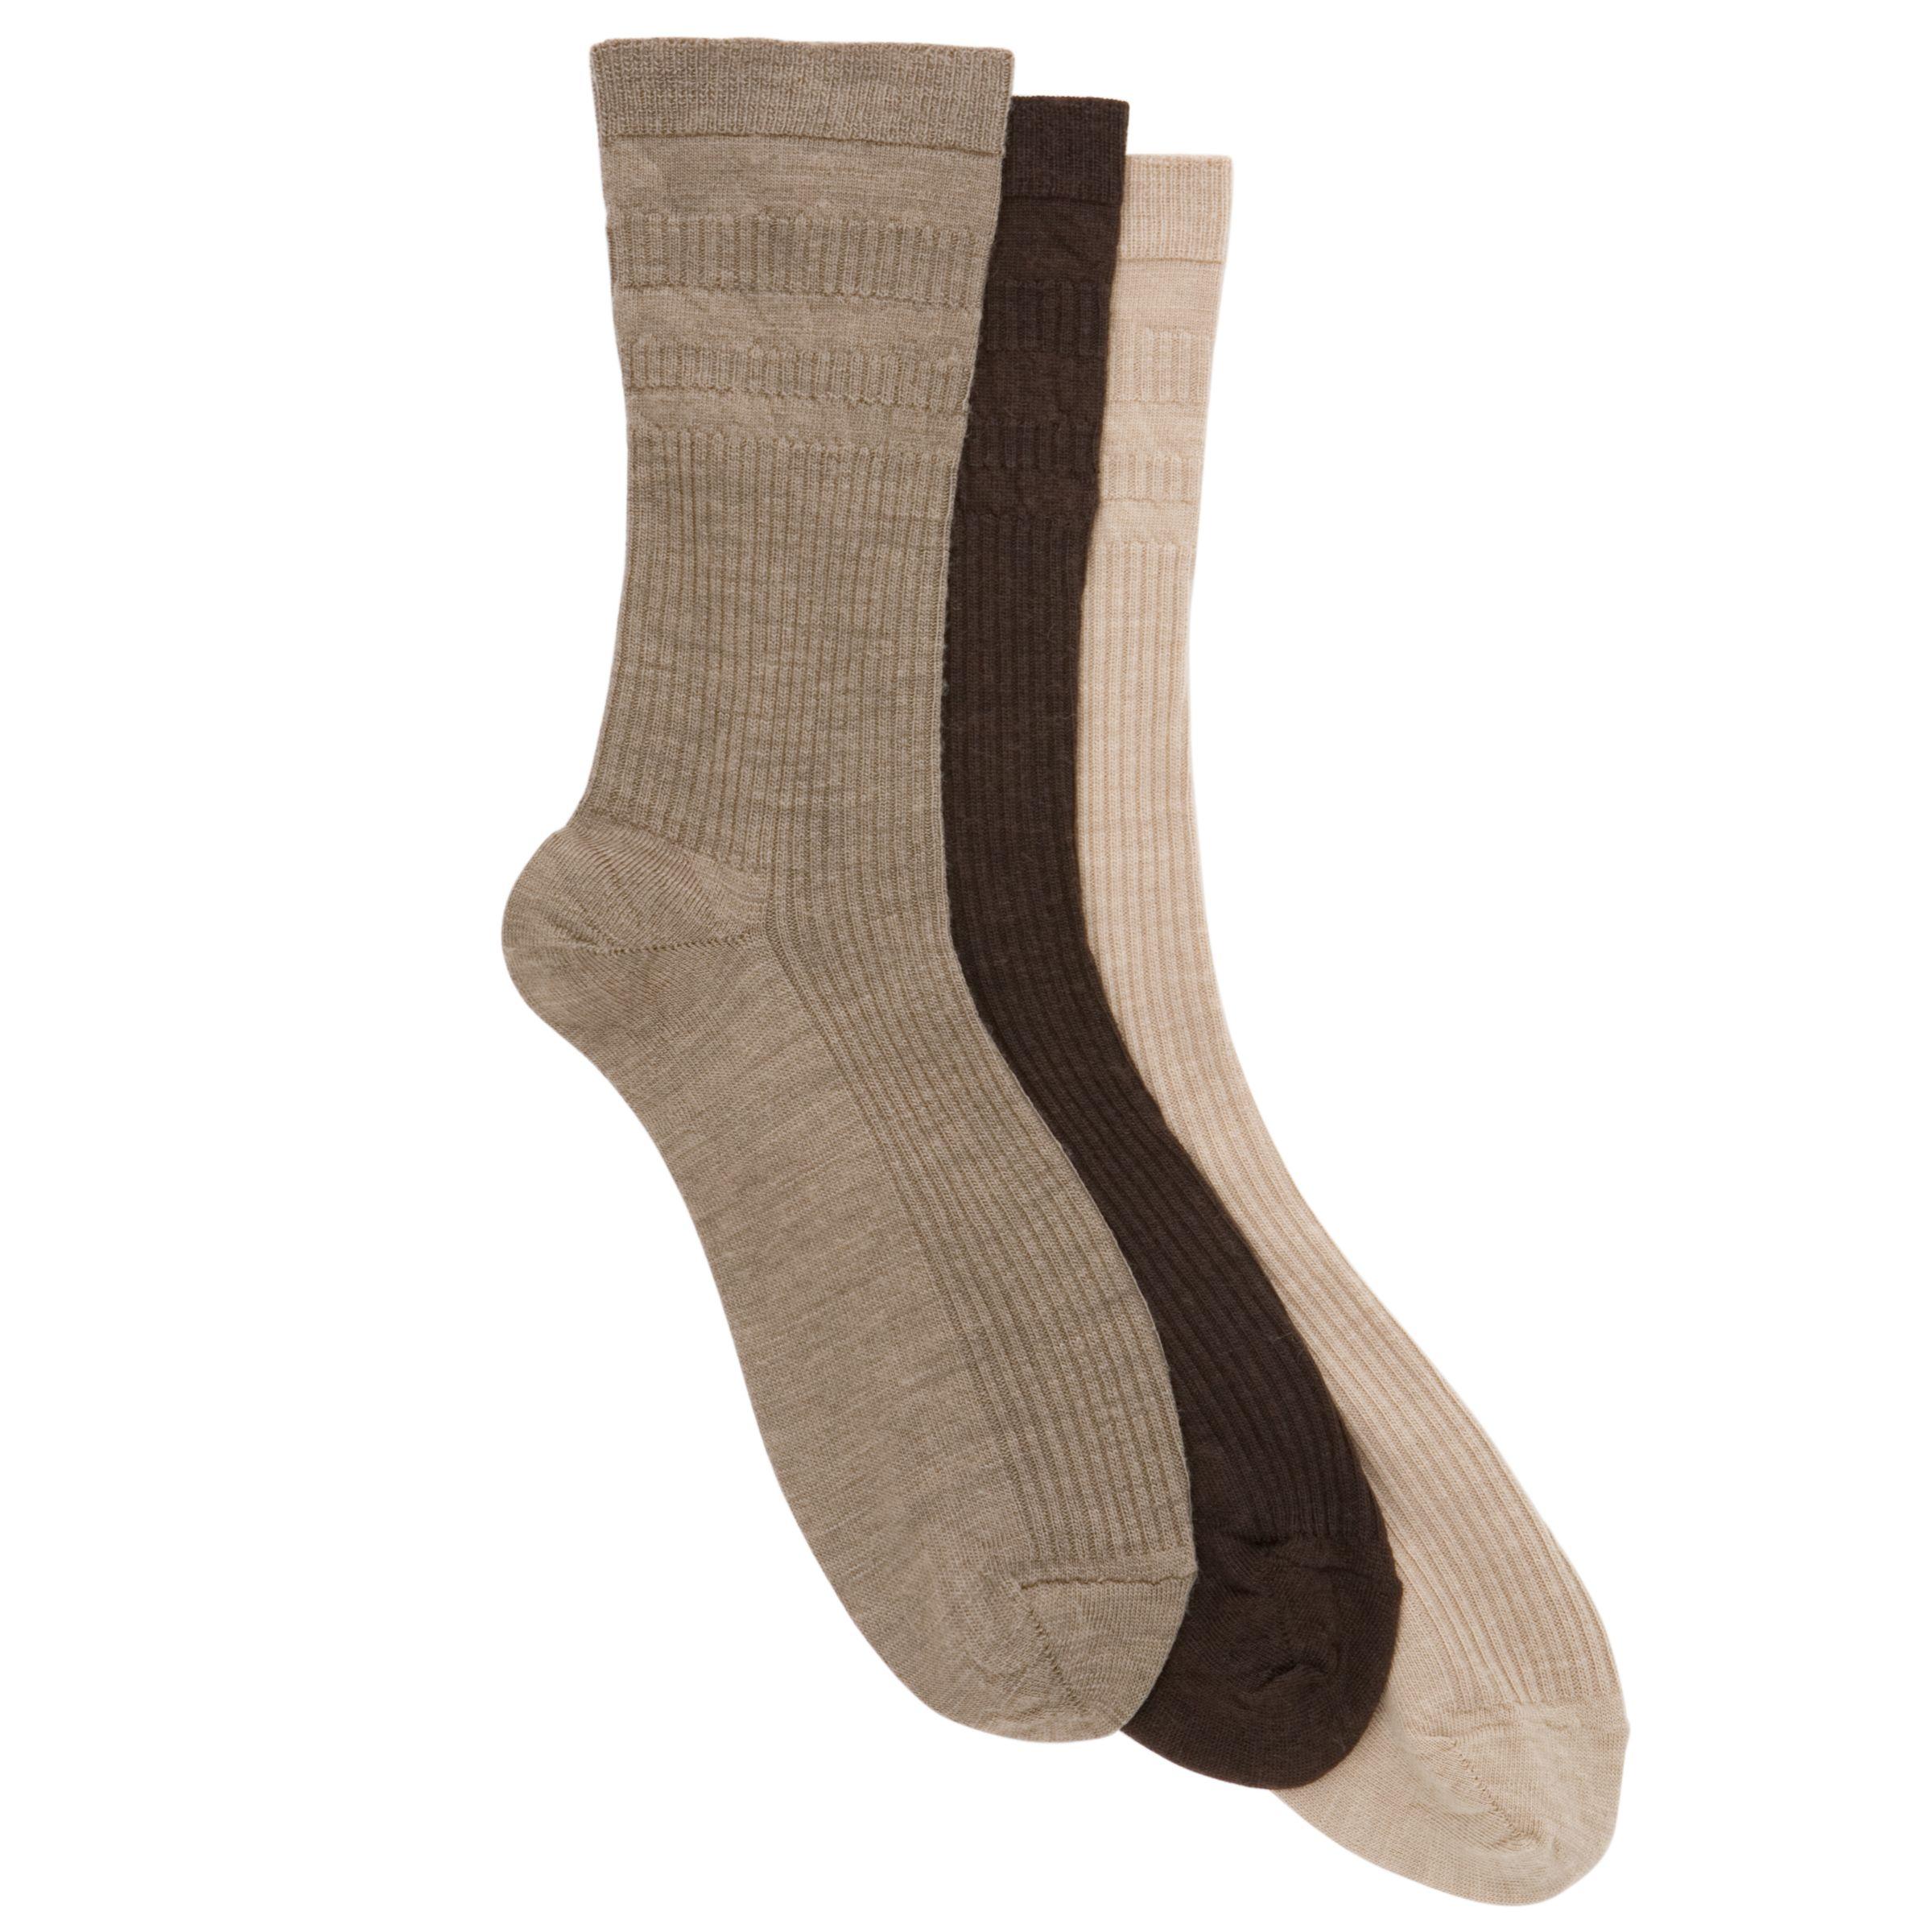 HJ Hall HJ Hall Wool Soft Top Socks, Pack of 3, One Size